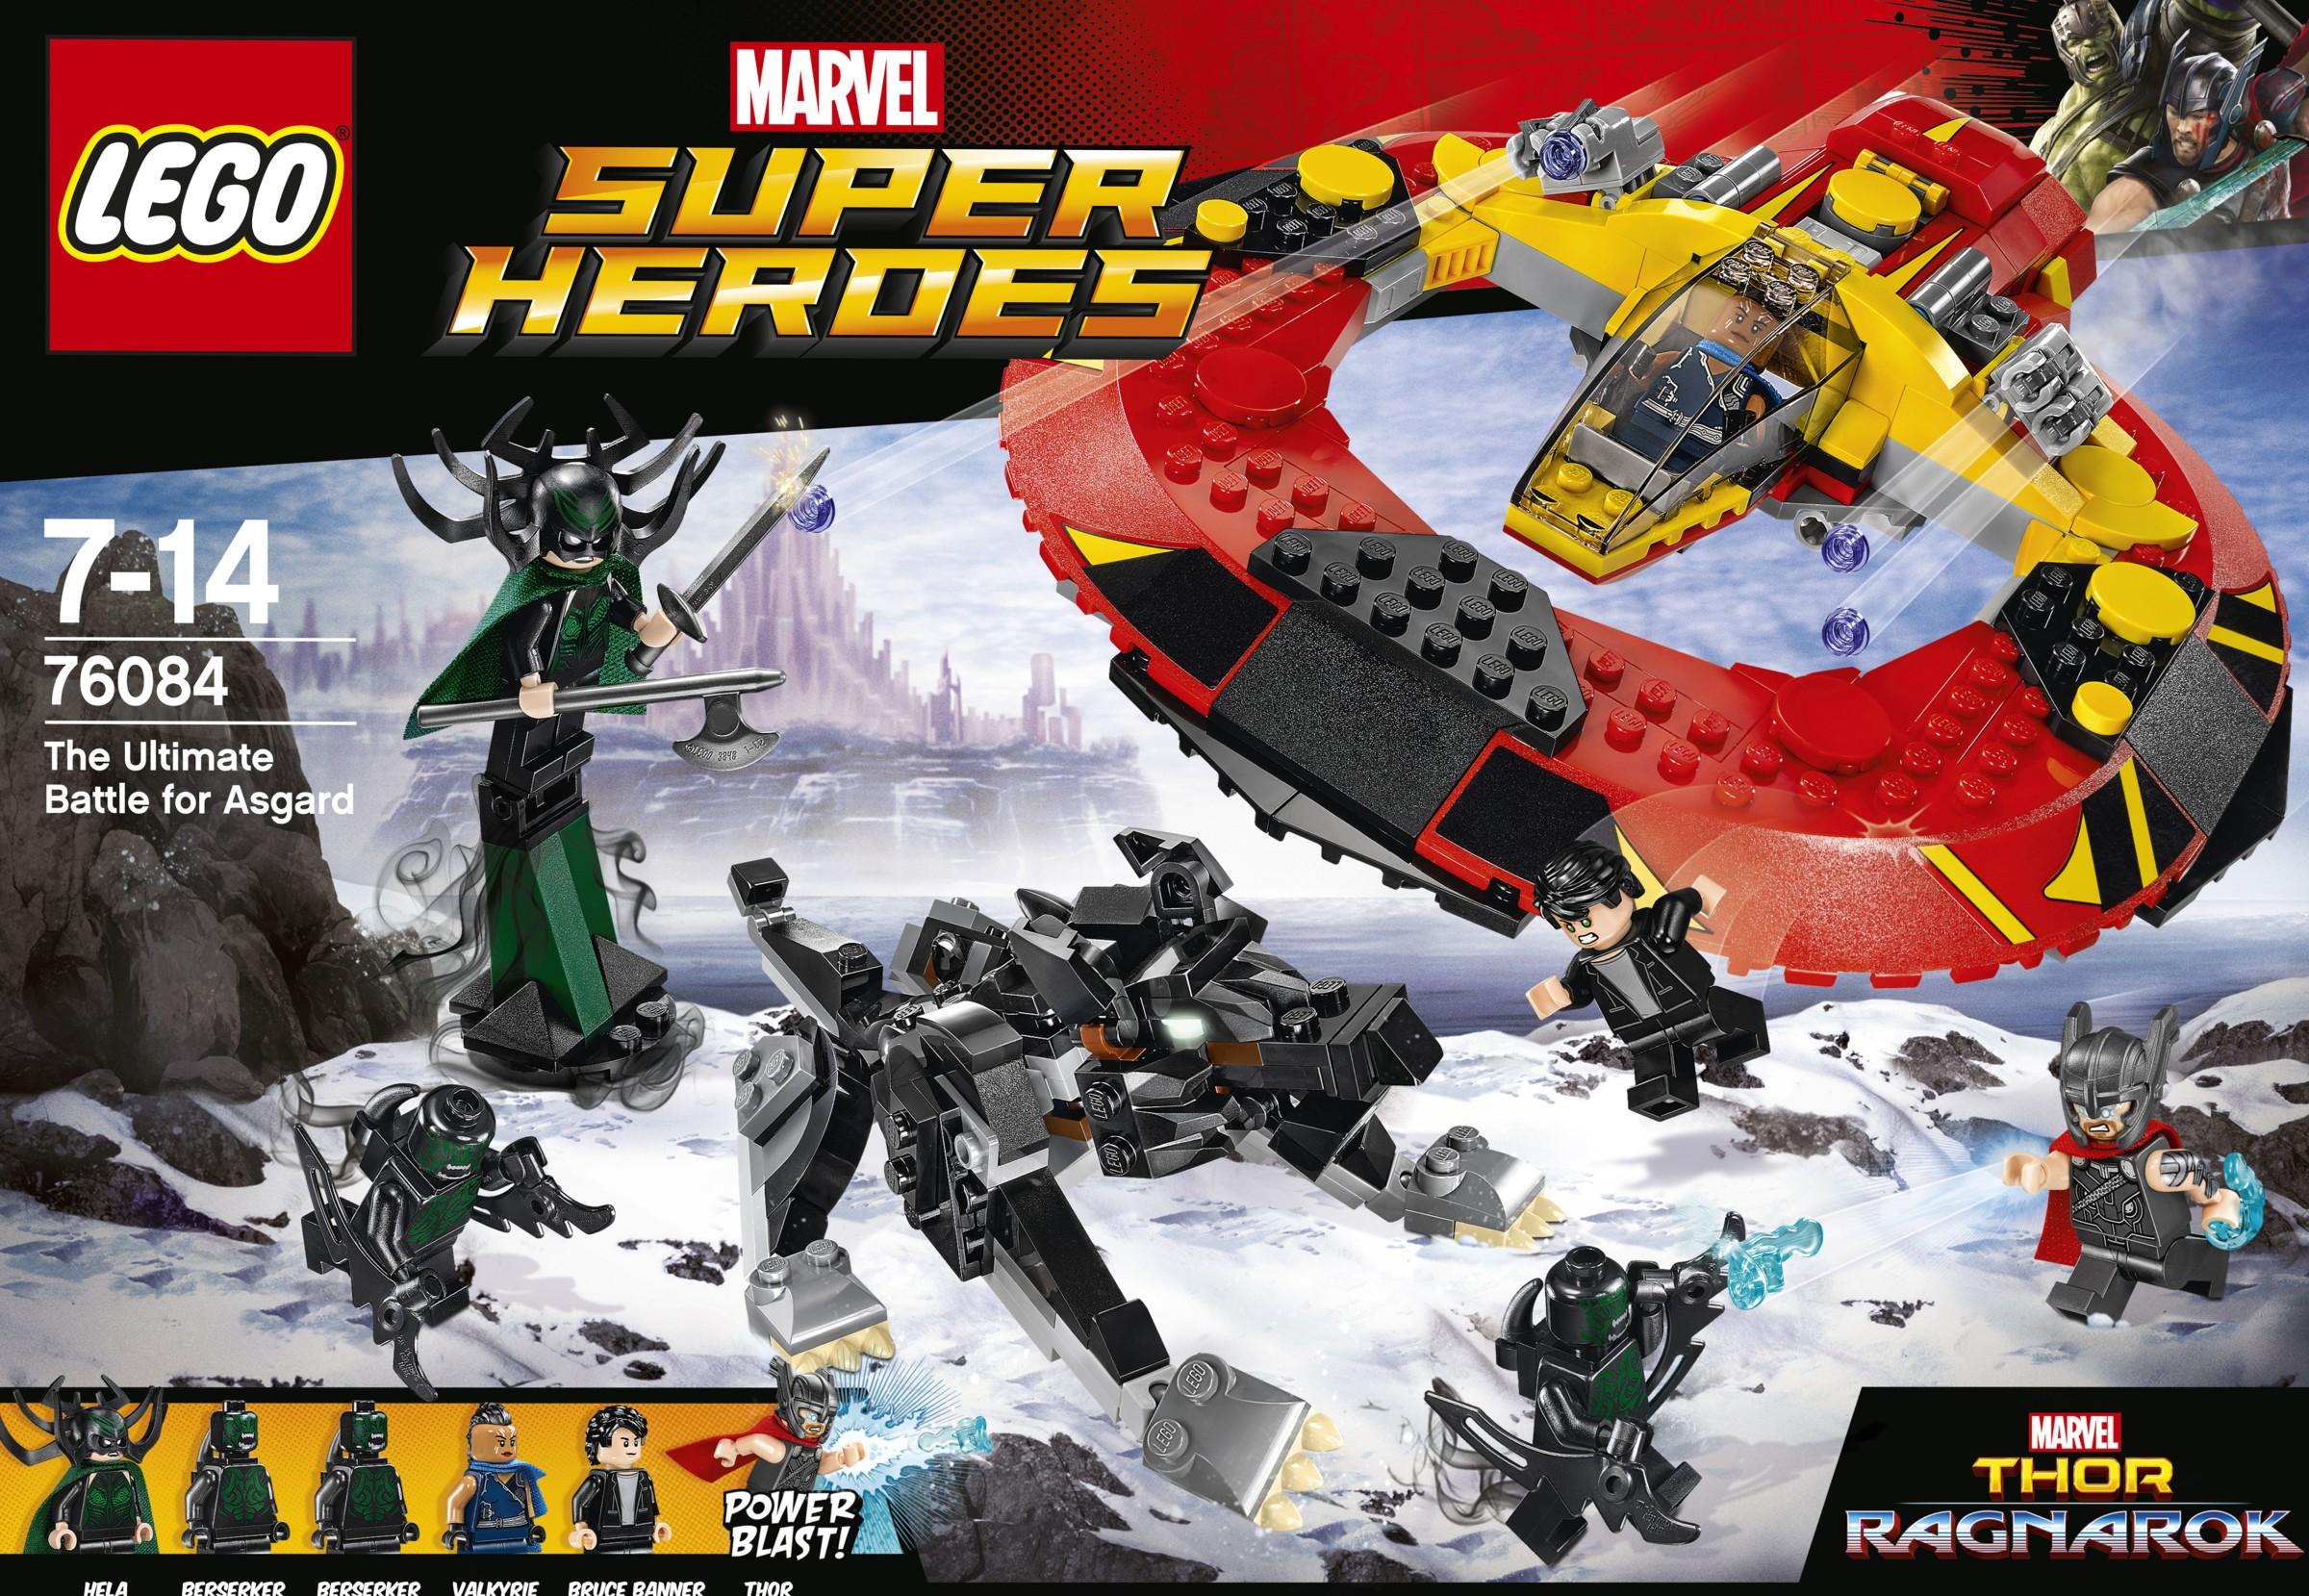 LEGO Thor Ragnarok Sets Revealed